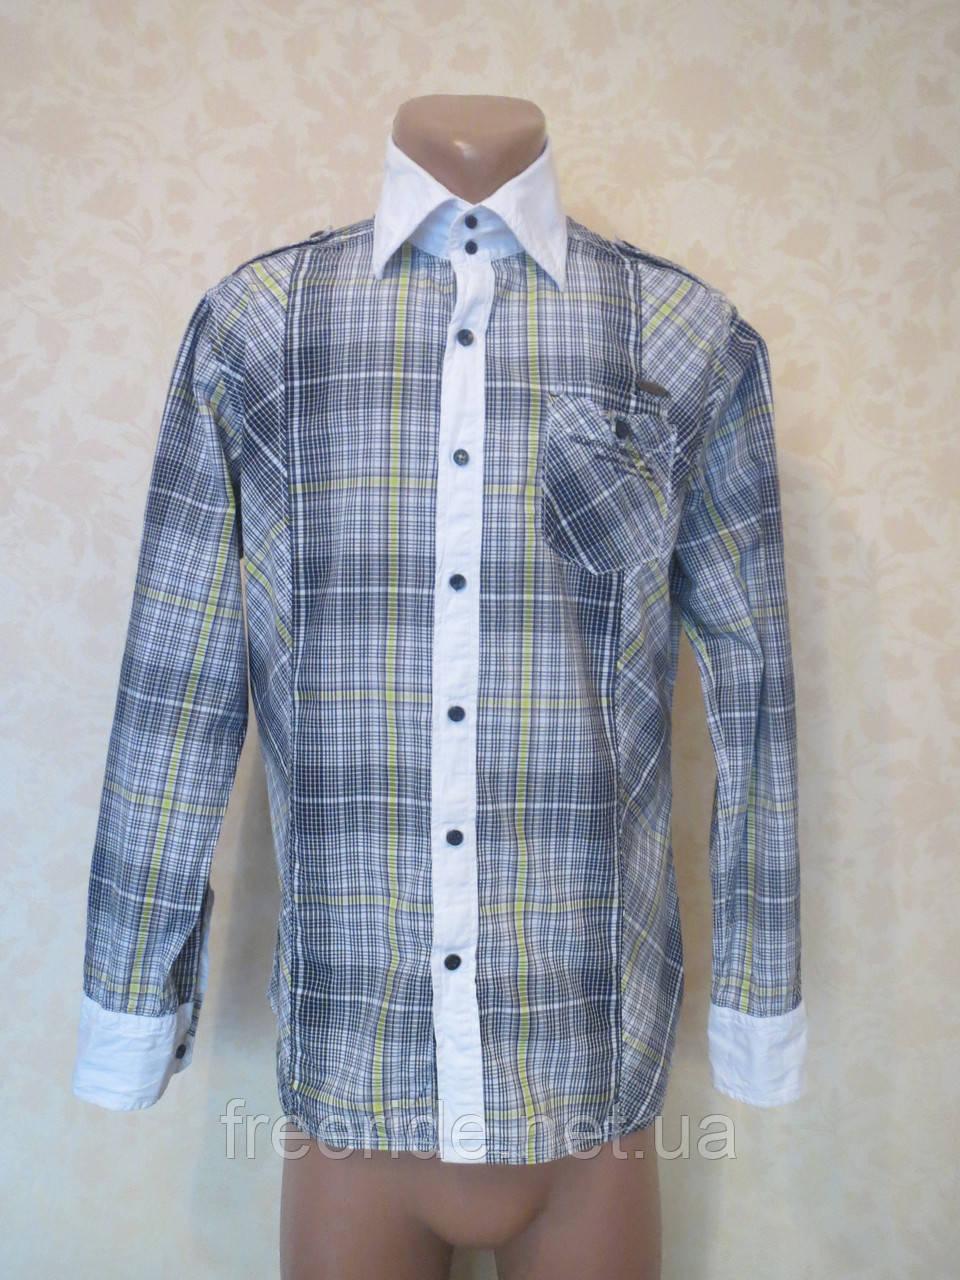 Фирменная стильная рубашка Black Label (L)